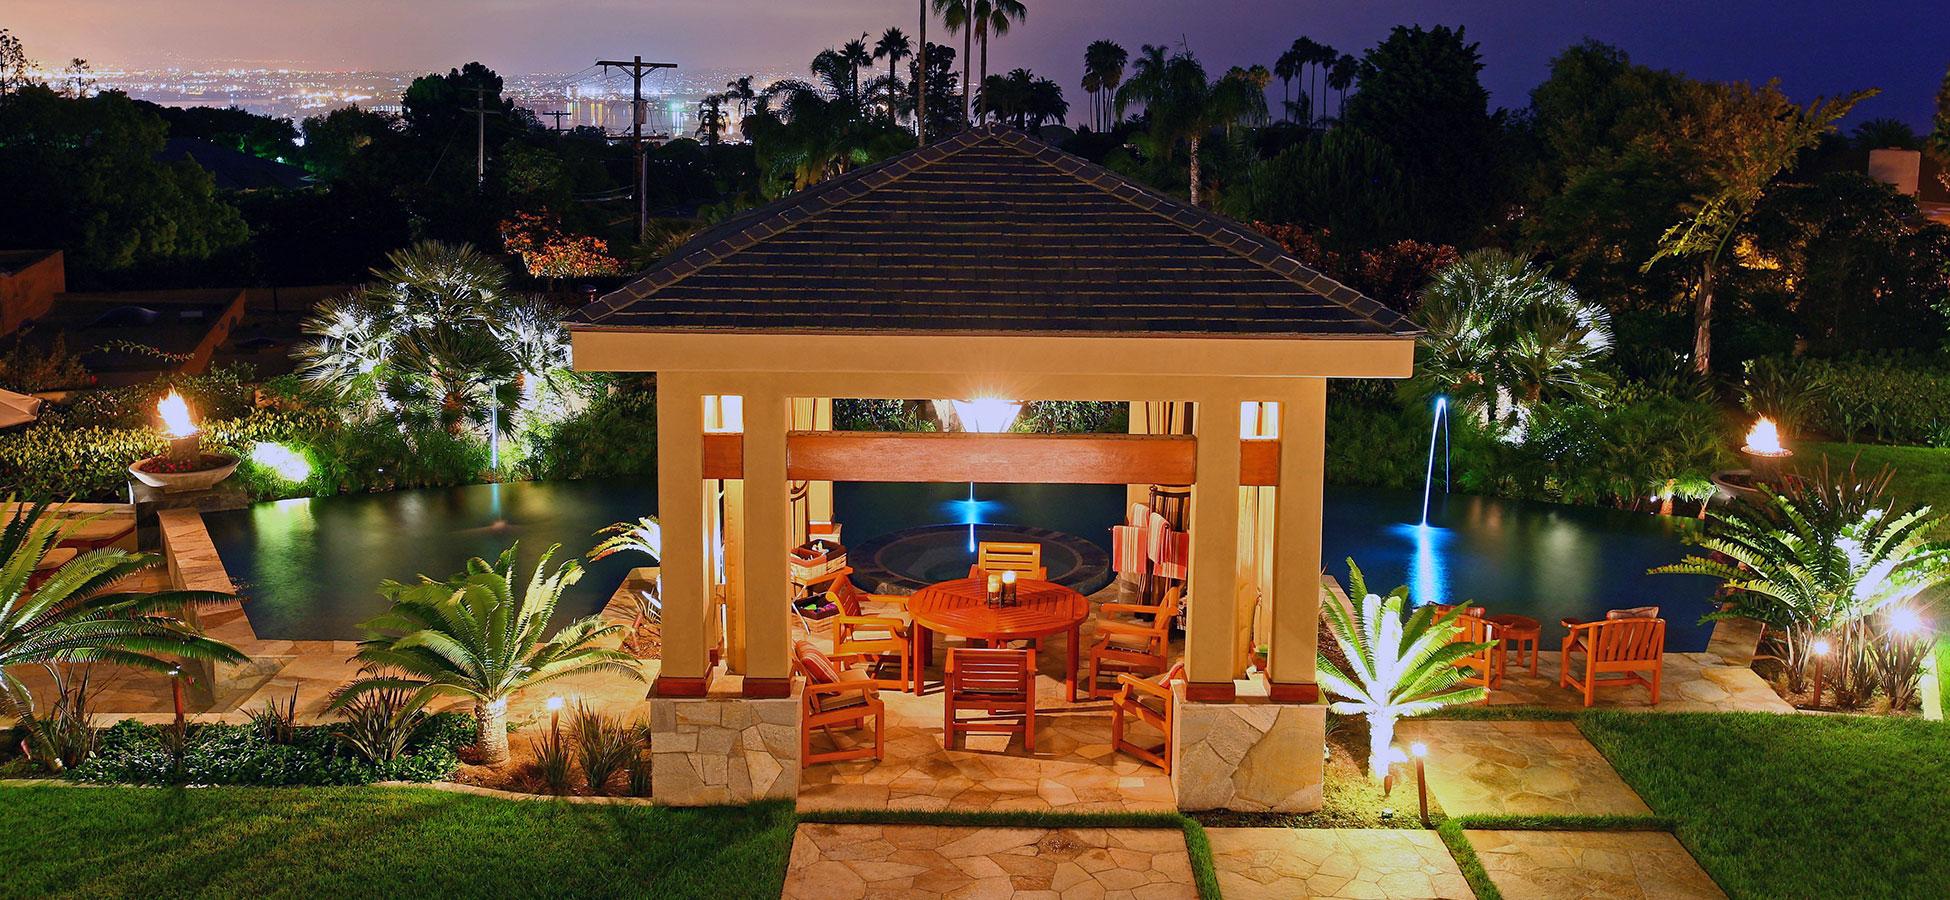 pergola originale best terrazza pergola terrazza originale with pergola originale fabriquer sa. Black Bedroom Furniture Sets. Home Design Ideas